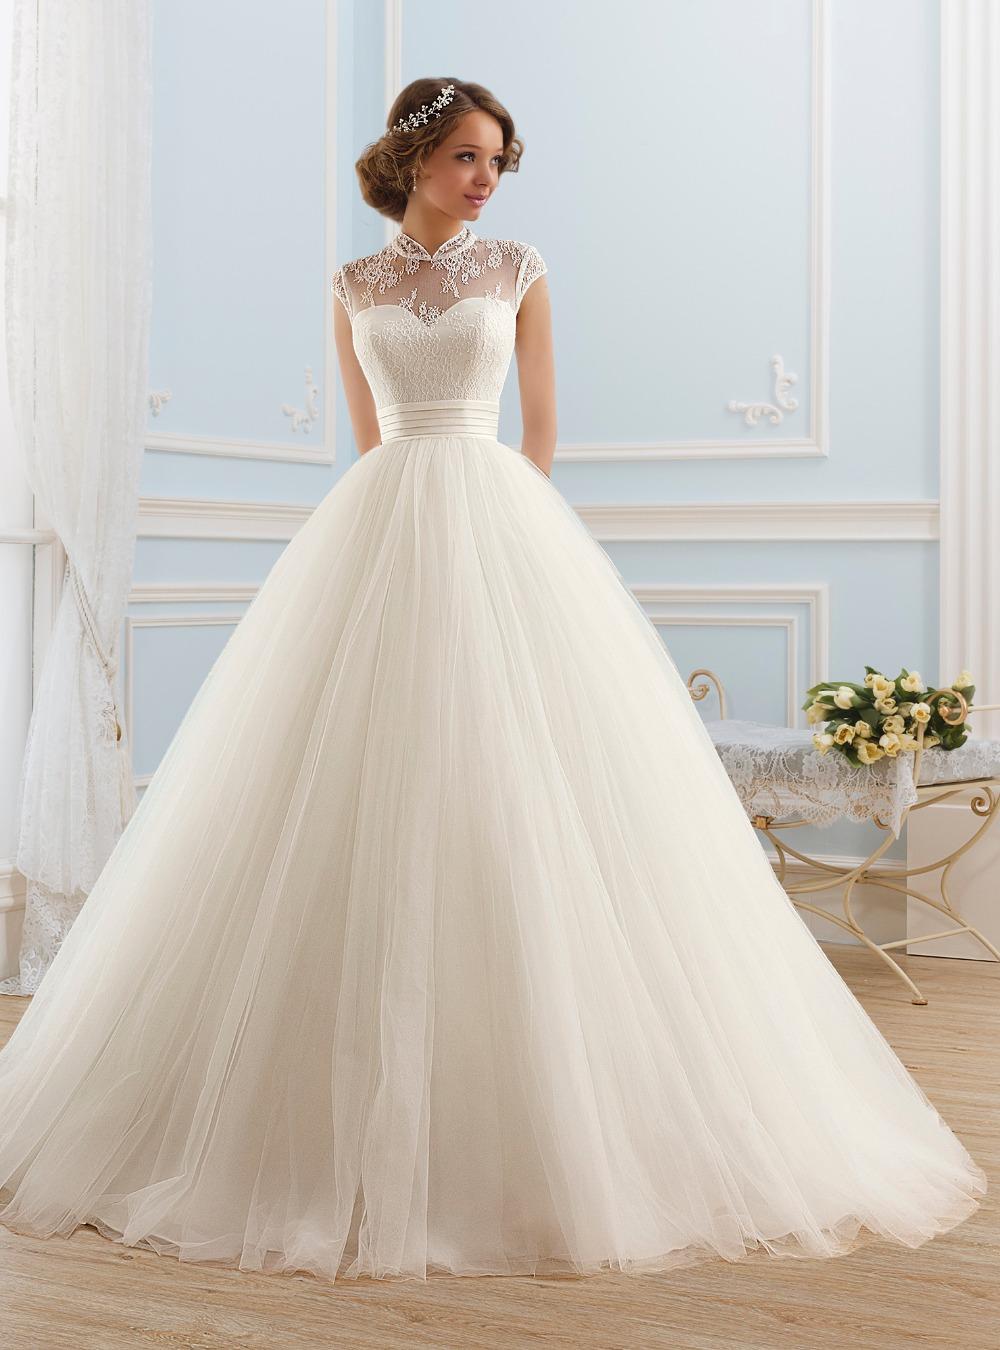 cc89373c0a4b5c Як вибрати весільну сукню правильно